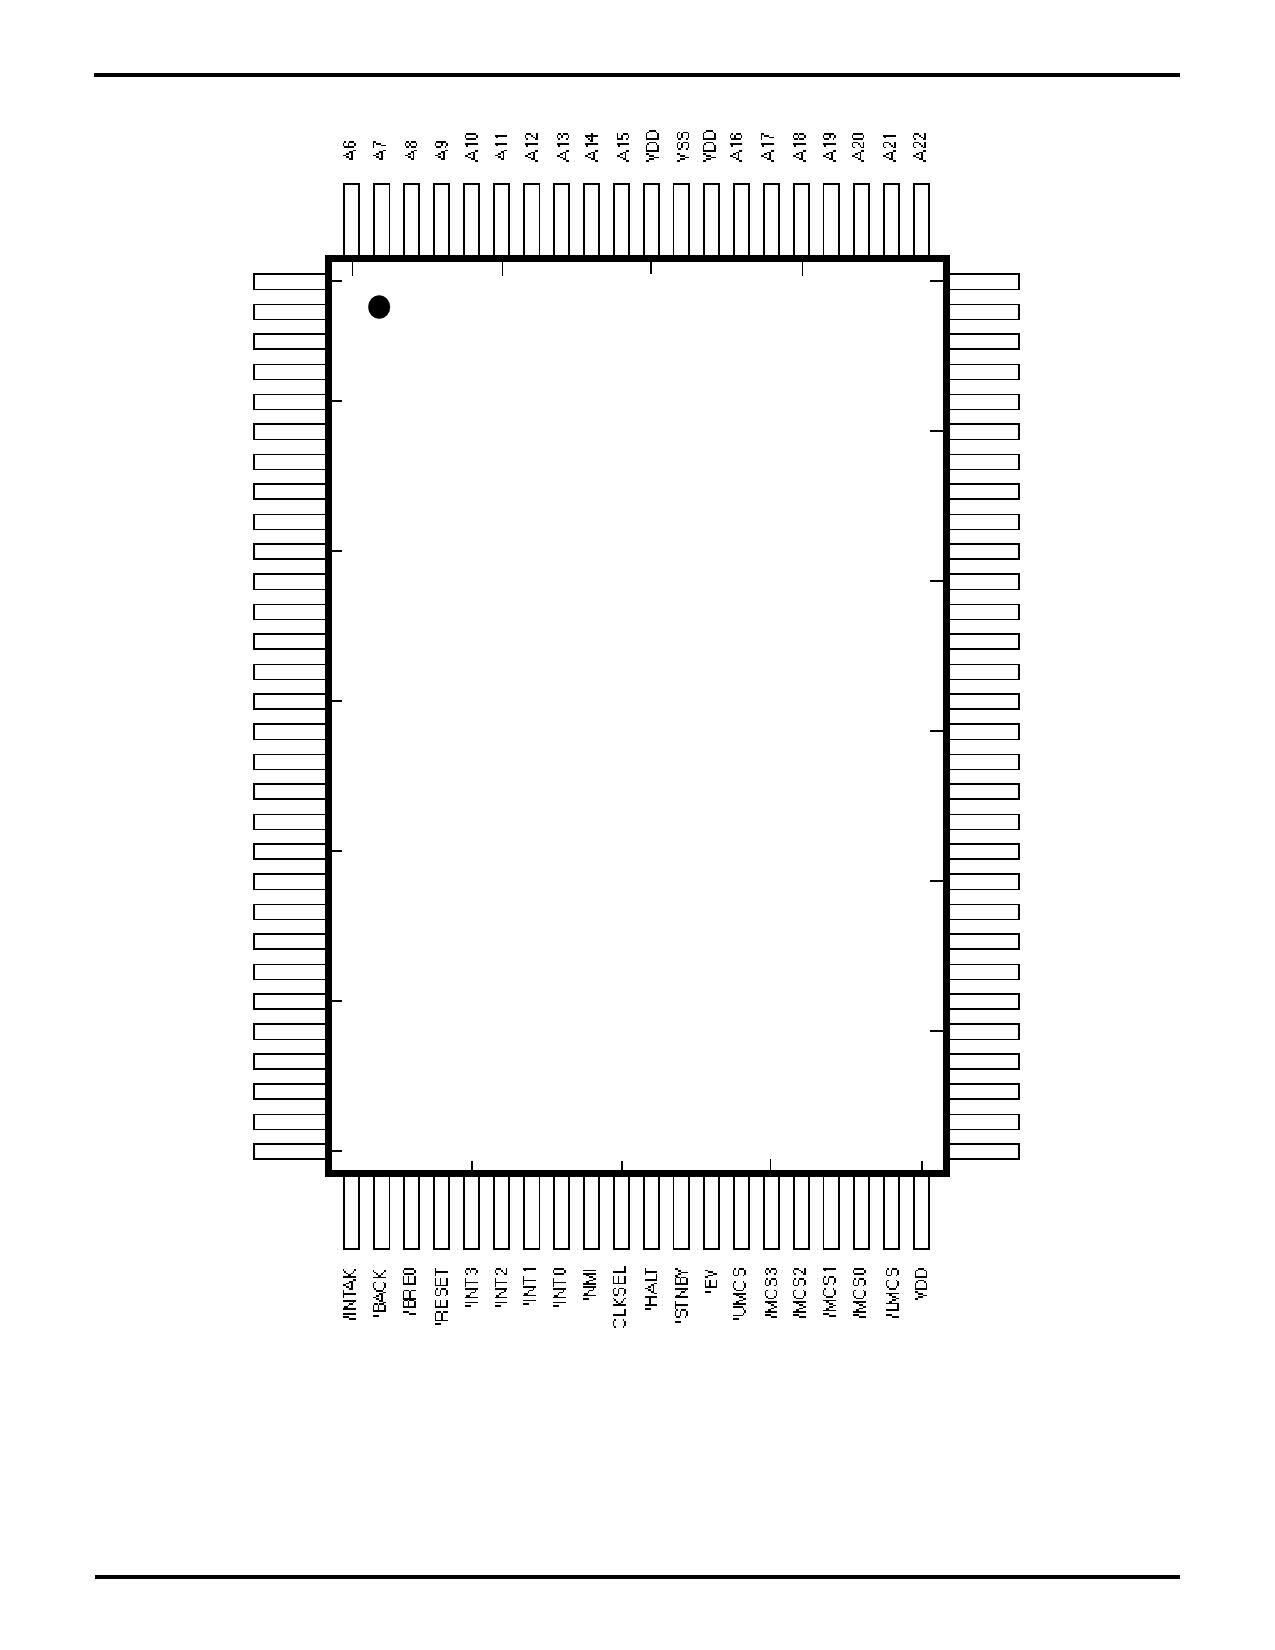 Z-380 Даташит, Описание, Даташиты